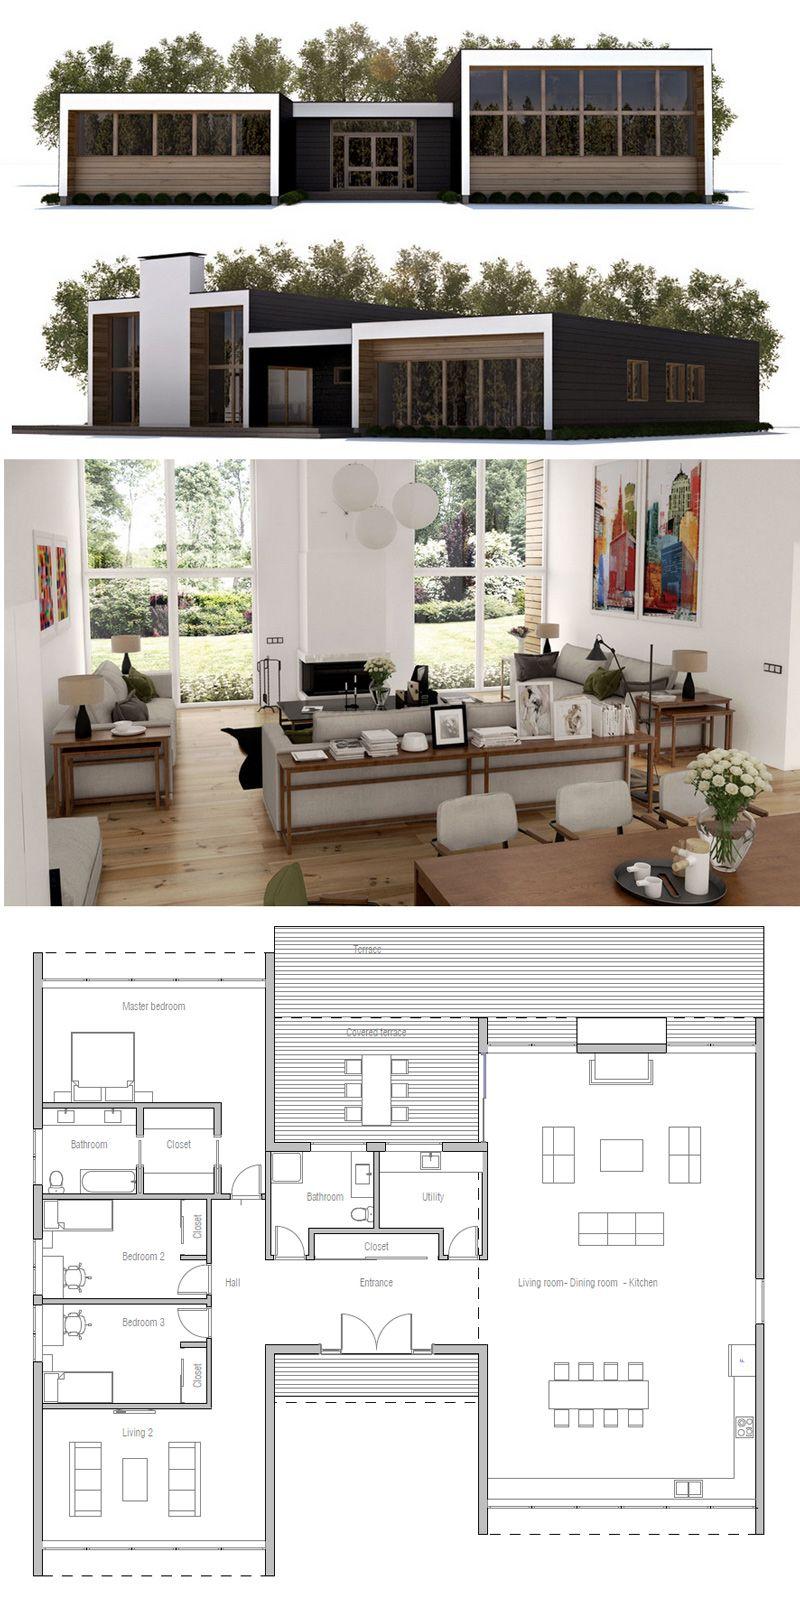 Hausplan, Idee Für Das Haus, Hausidee